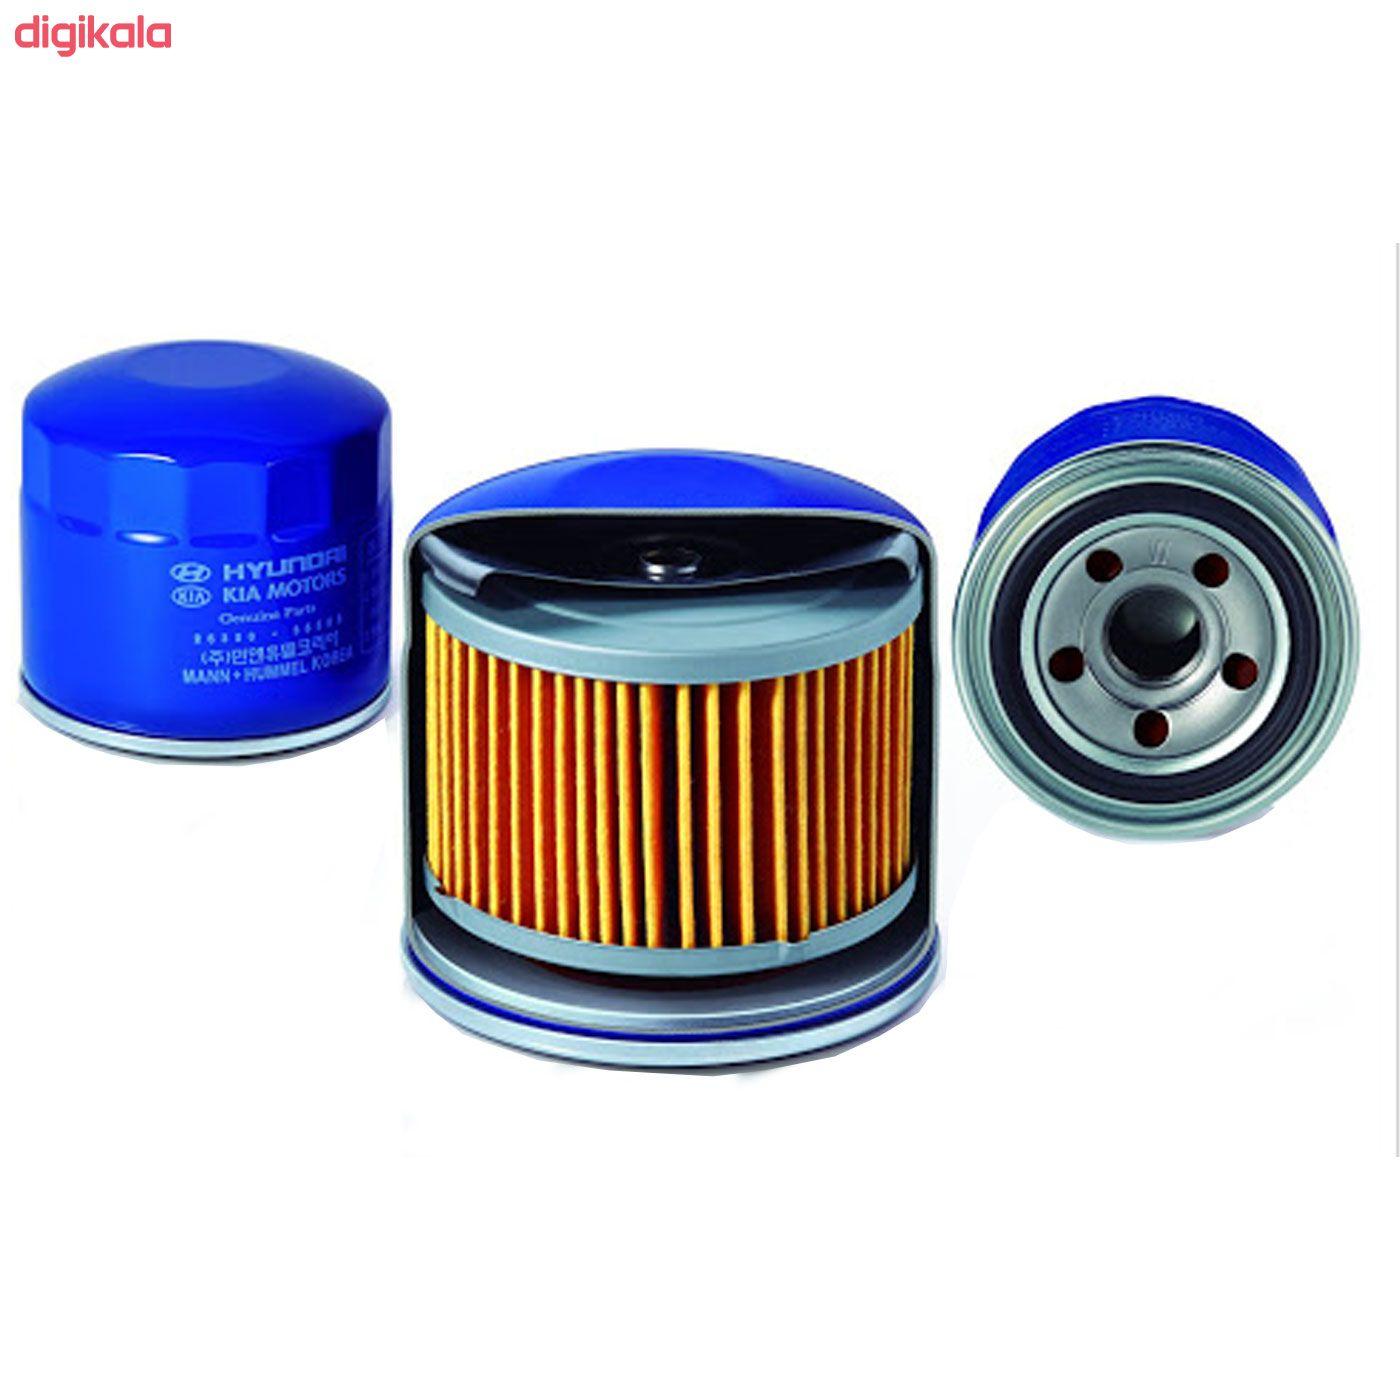 فیلتر روغن خودرو هیوندای جنیون پارتس مدل 35505 main 1 2